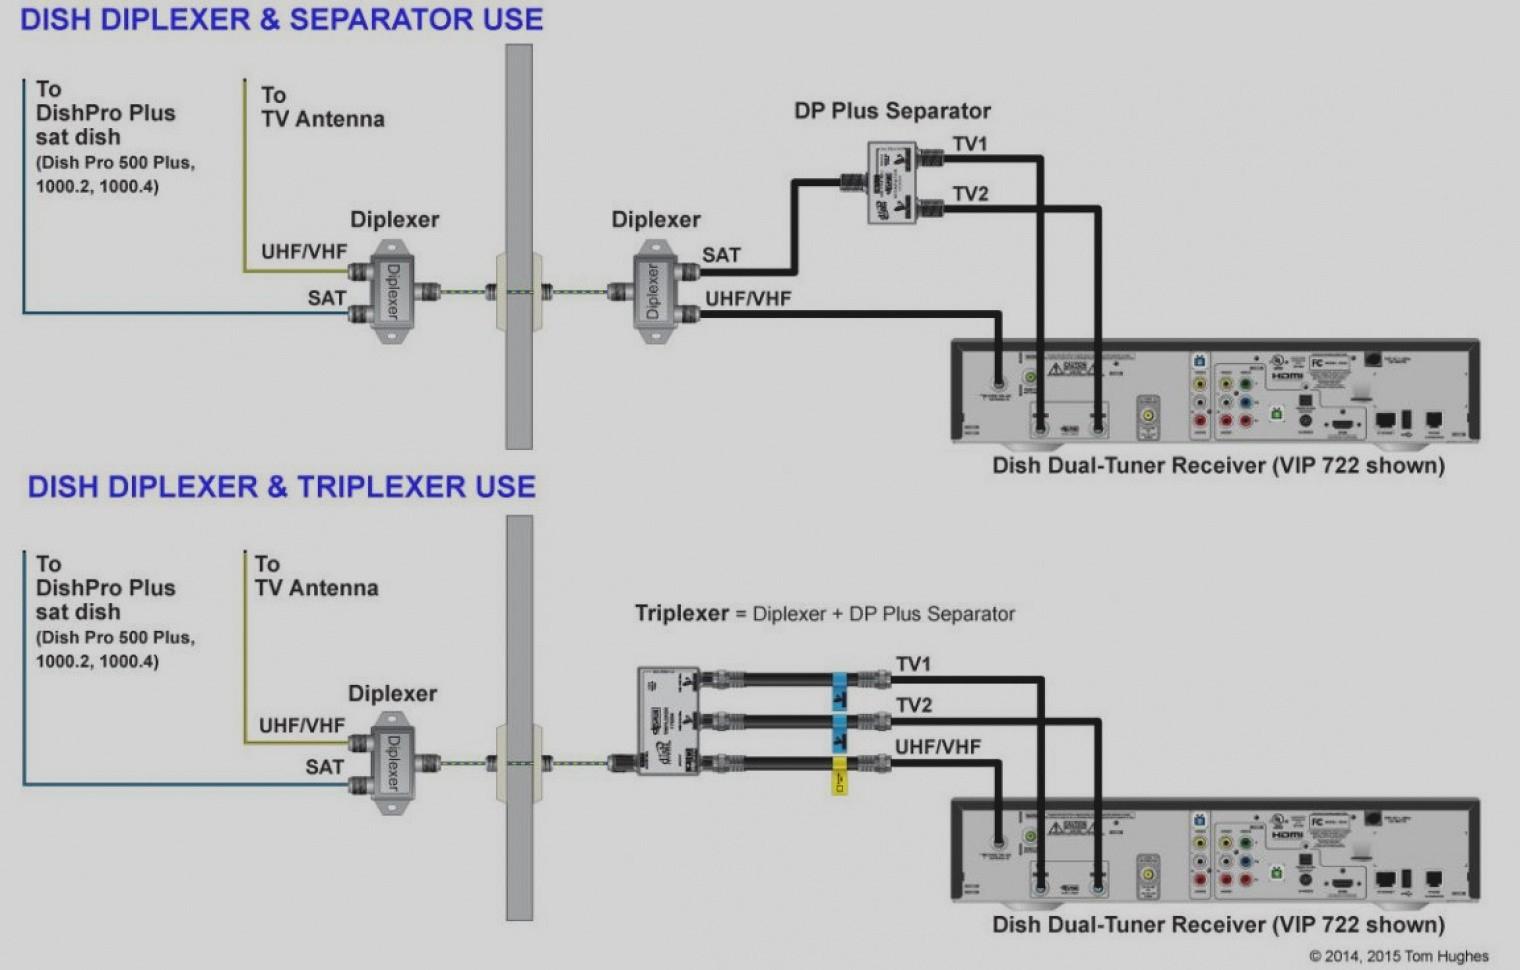 [SCHEMATICS_4ER]  GB_4793] Dish Dvr 625 Wiring Diagram Av System Rvseniormoments Wiring  Diagram | Vip 722 Wiring Diagram |  | Targ Basi Eatte Mohammedshrine Librar Wiring 101